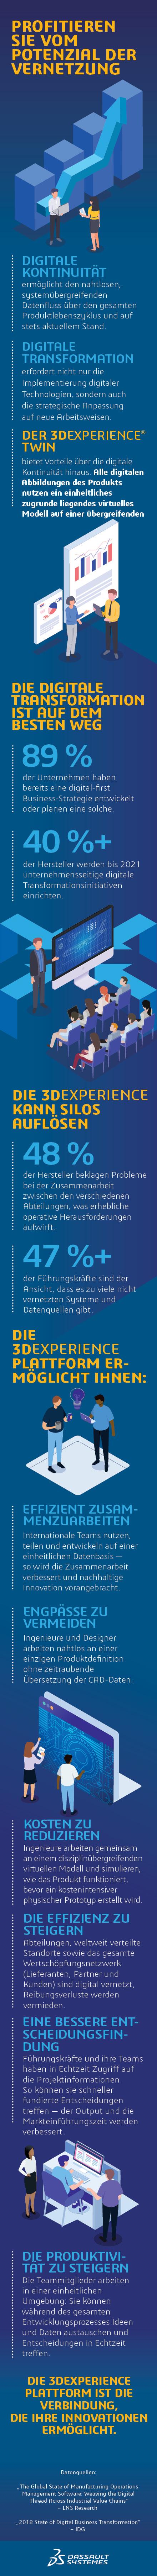 Die 3DEXPERIENCE® Plattform geht über digitale Kontinuität hinaus > mobile infography> Dassault Systèmes®